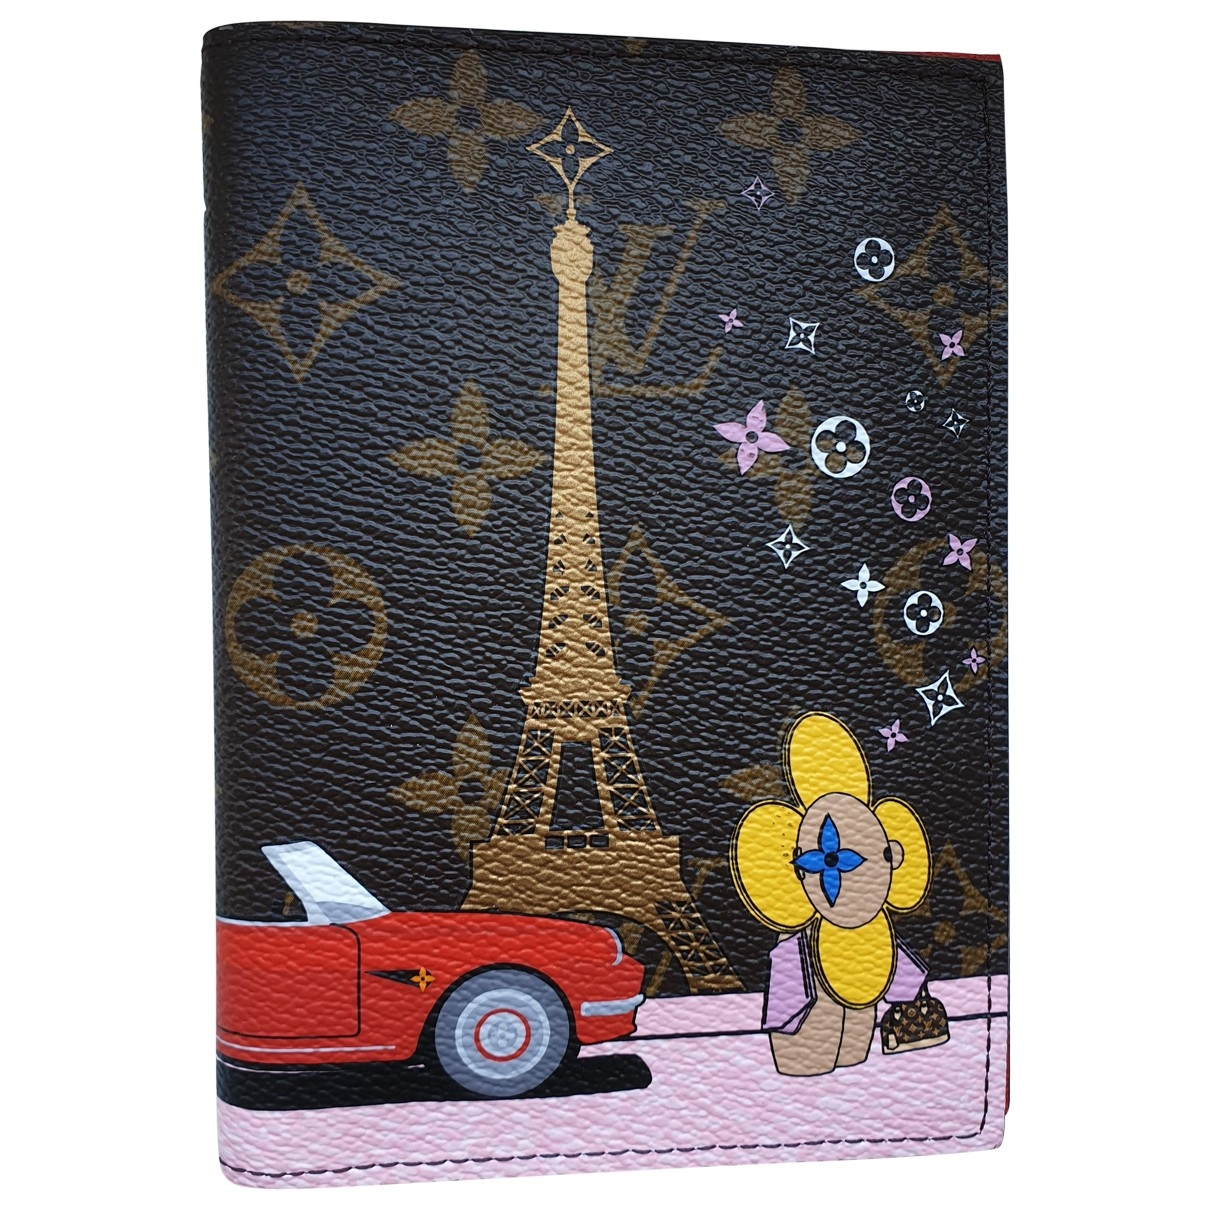 Louis Vuitton - Petite maroquinerie Couverture Passeport pour femme en toile - multicolore